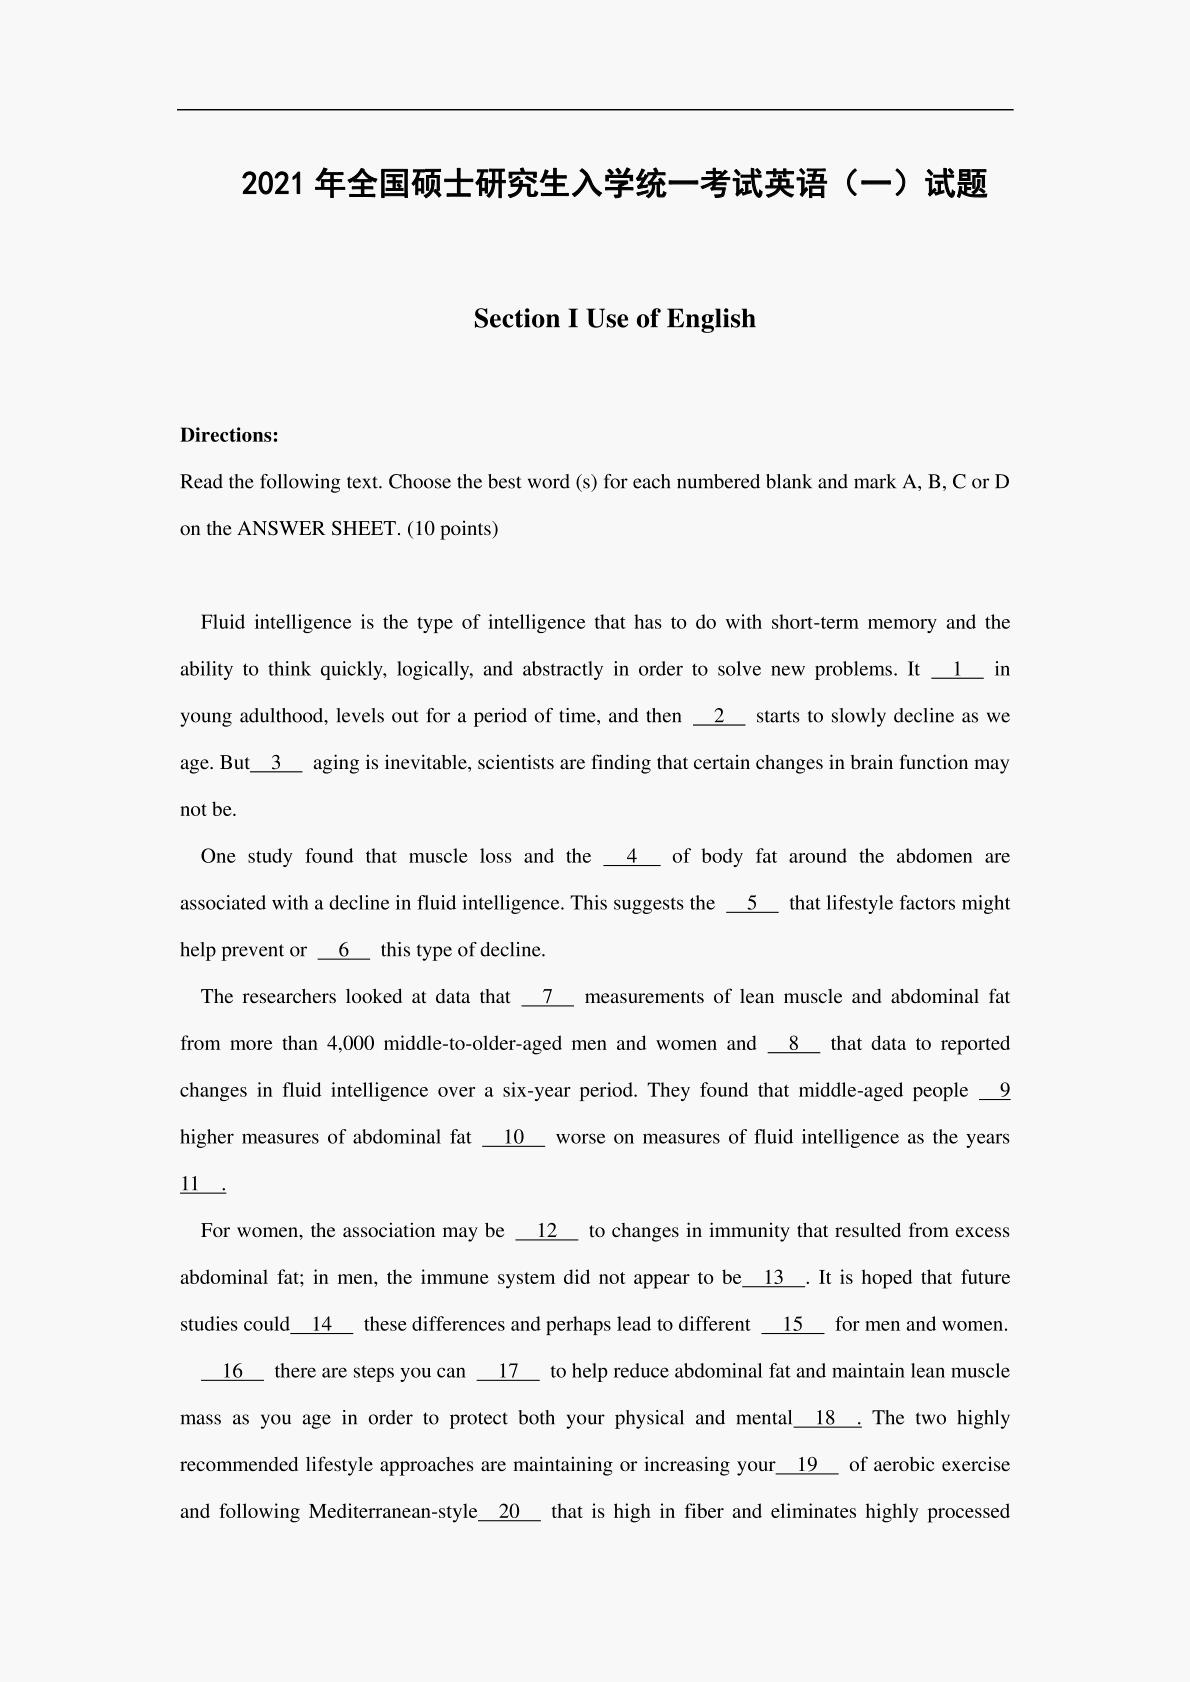 2021年考研考试真题英语(一)试题